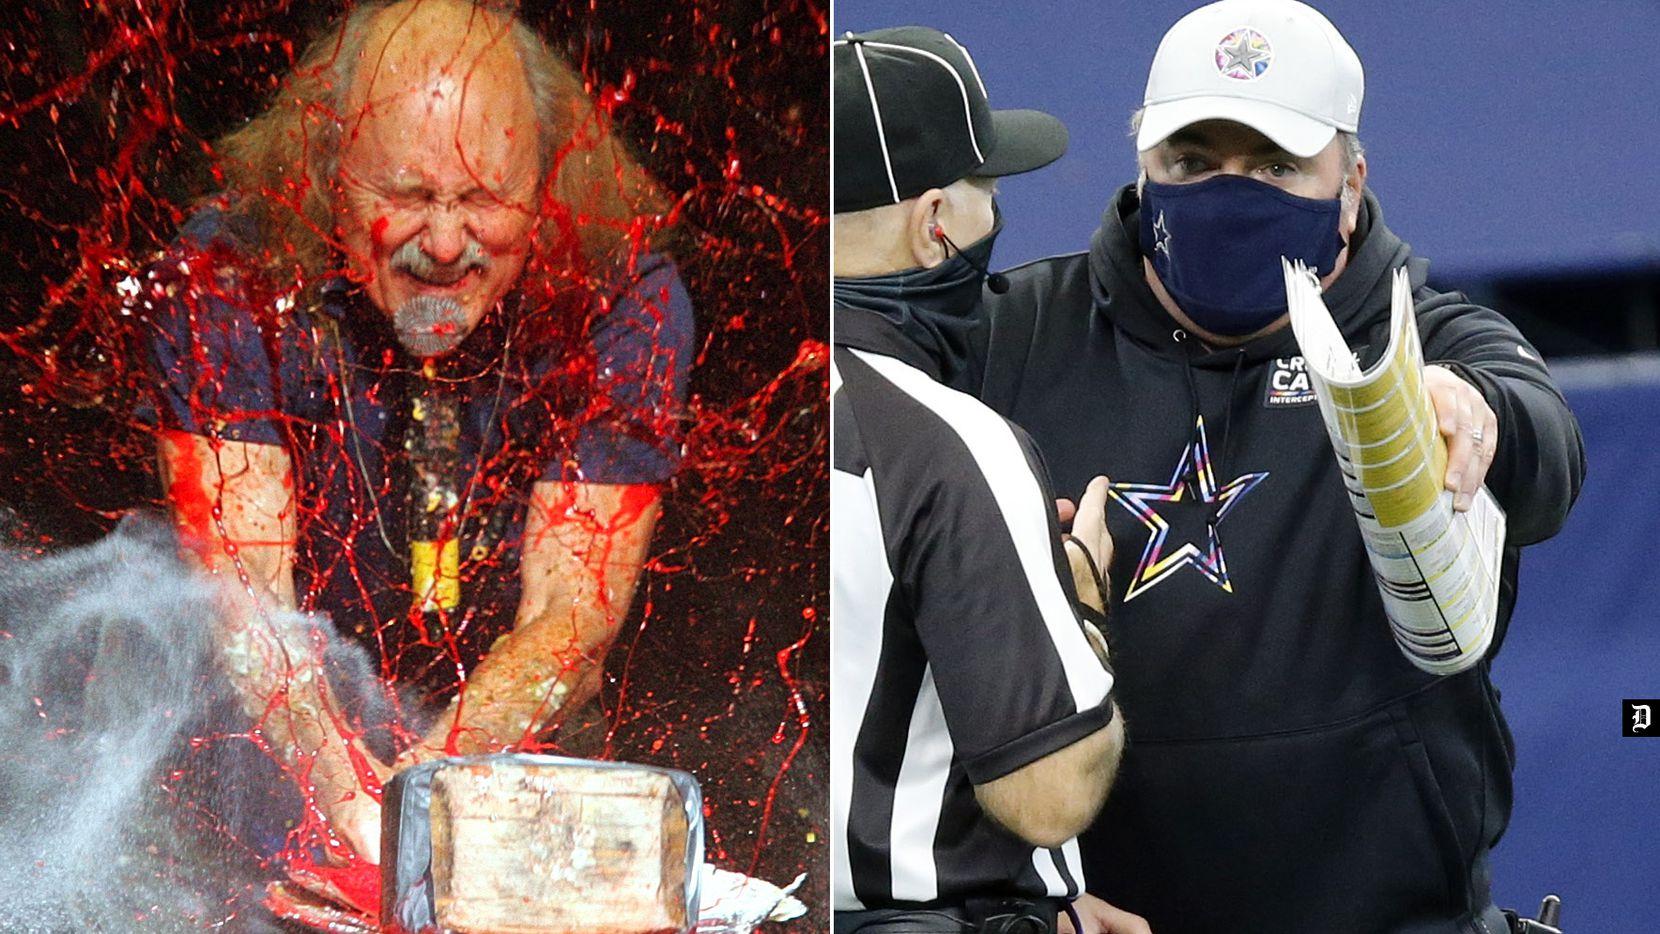 El comediante Gallagher (izq) en uno de sus actos destruyendo sandías, la rutina fue copiada por el entrenador en jefe de los Dallas Cowboys, Mike McCarthy.